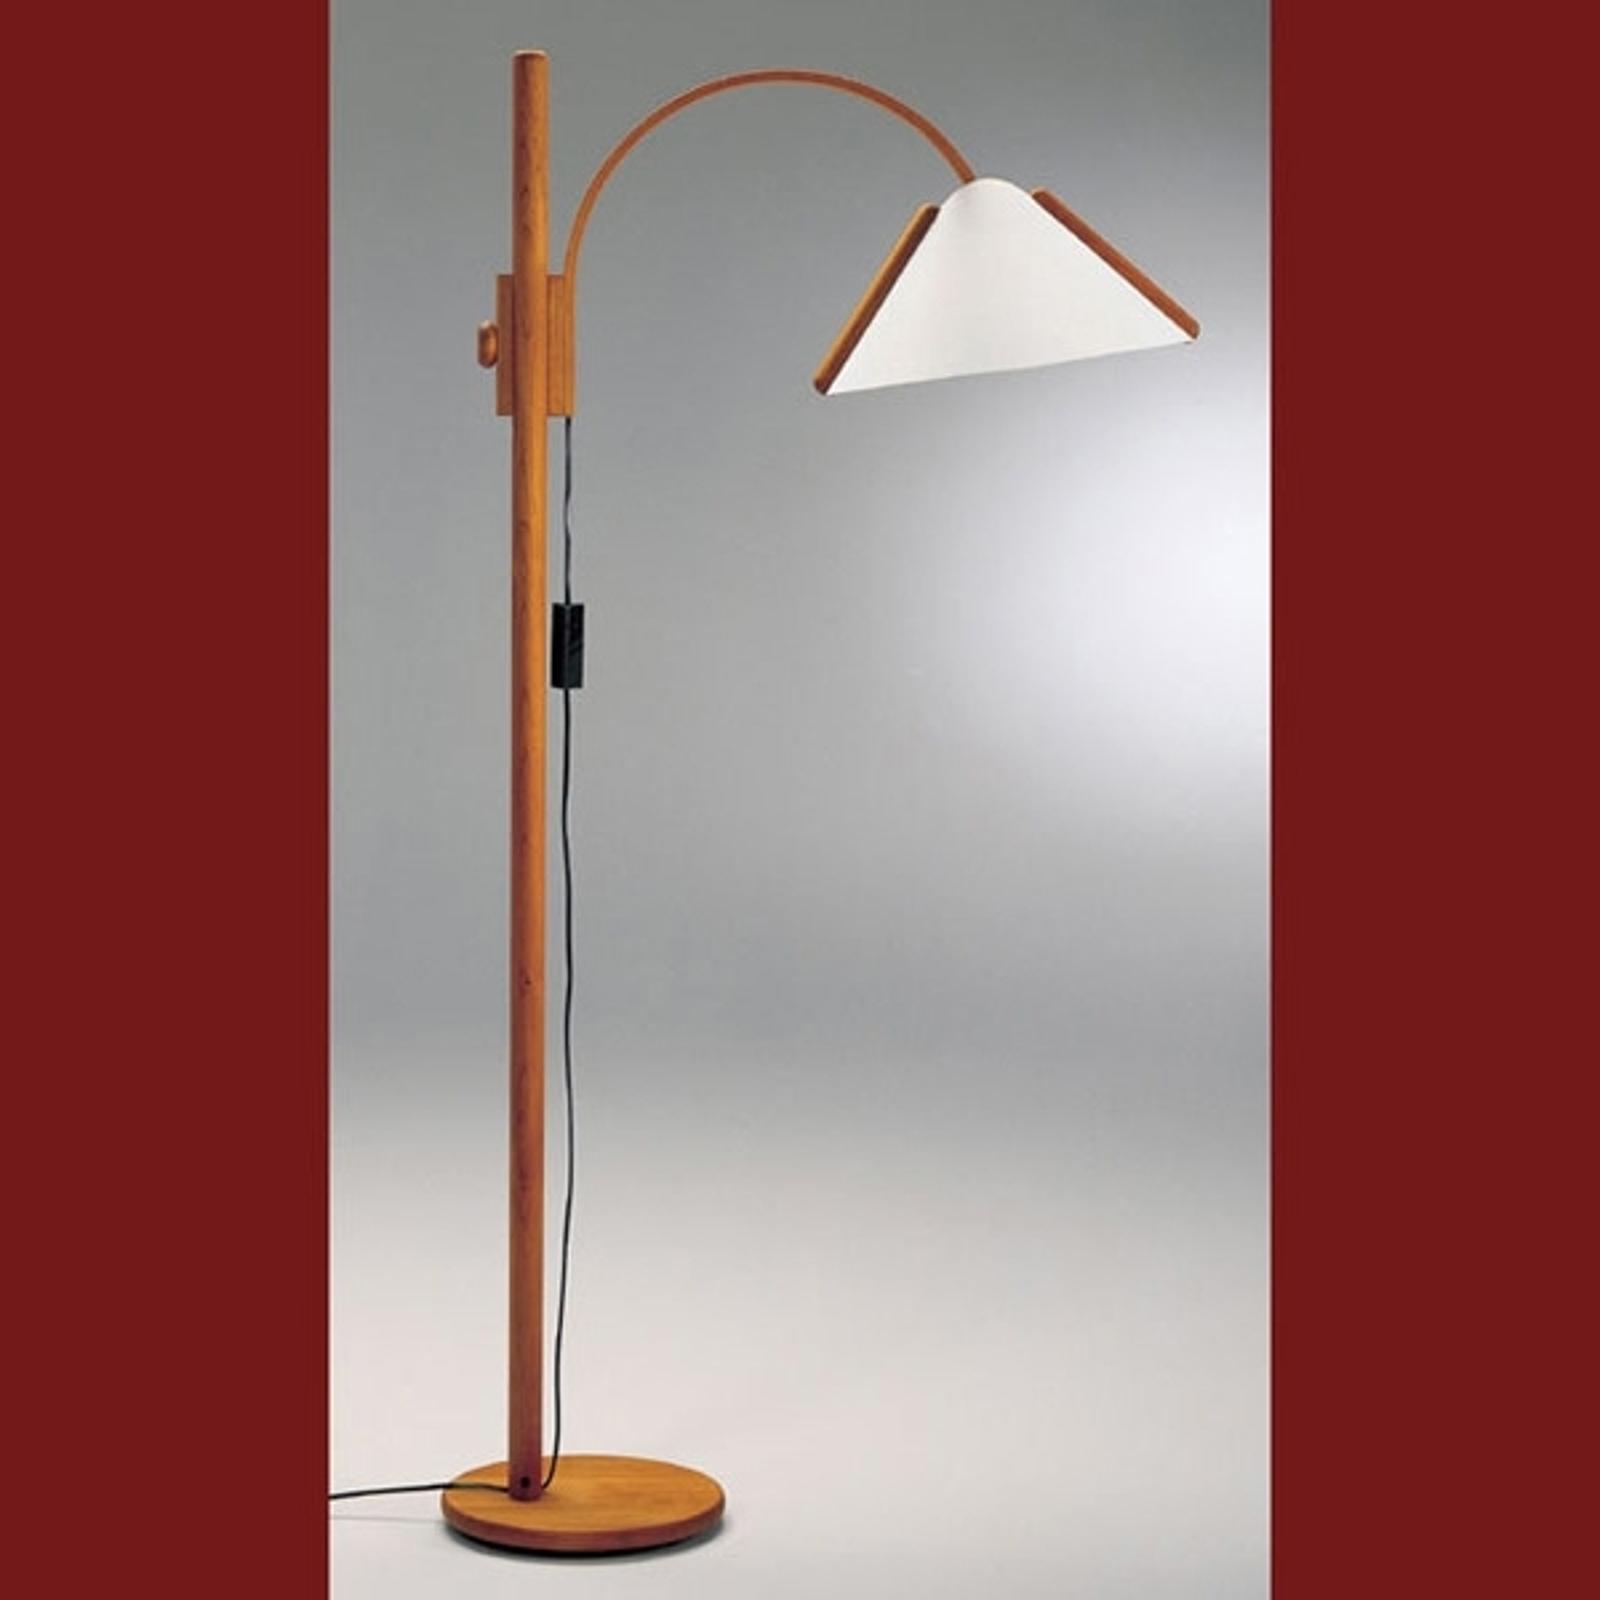 Elegante lampada da pavimento Arcade in legno